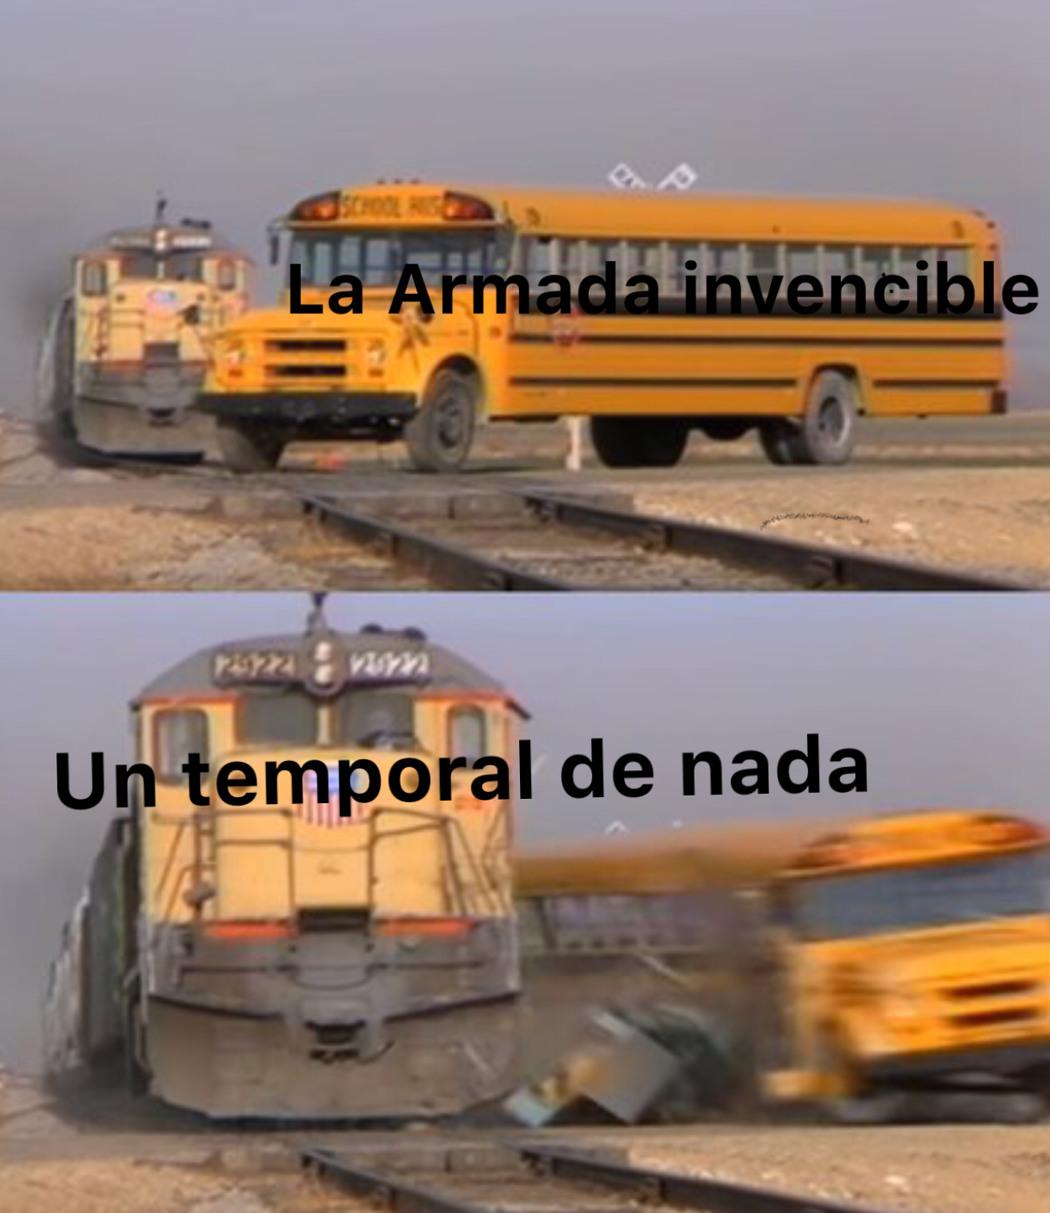 F por la armada invencible - meme